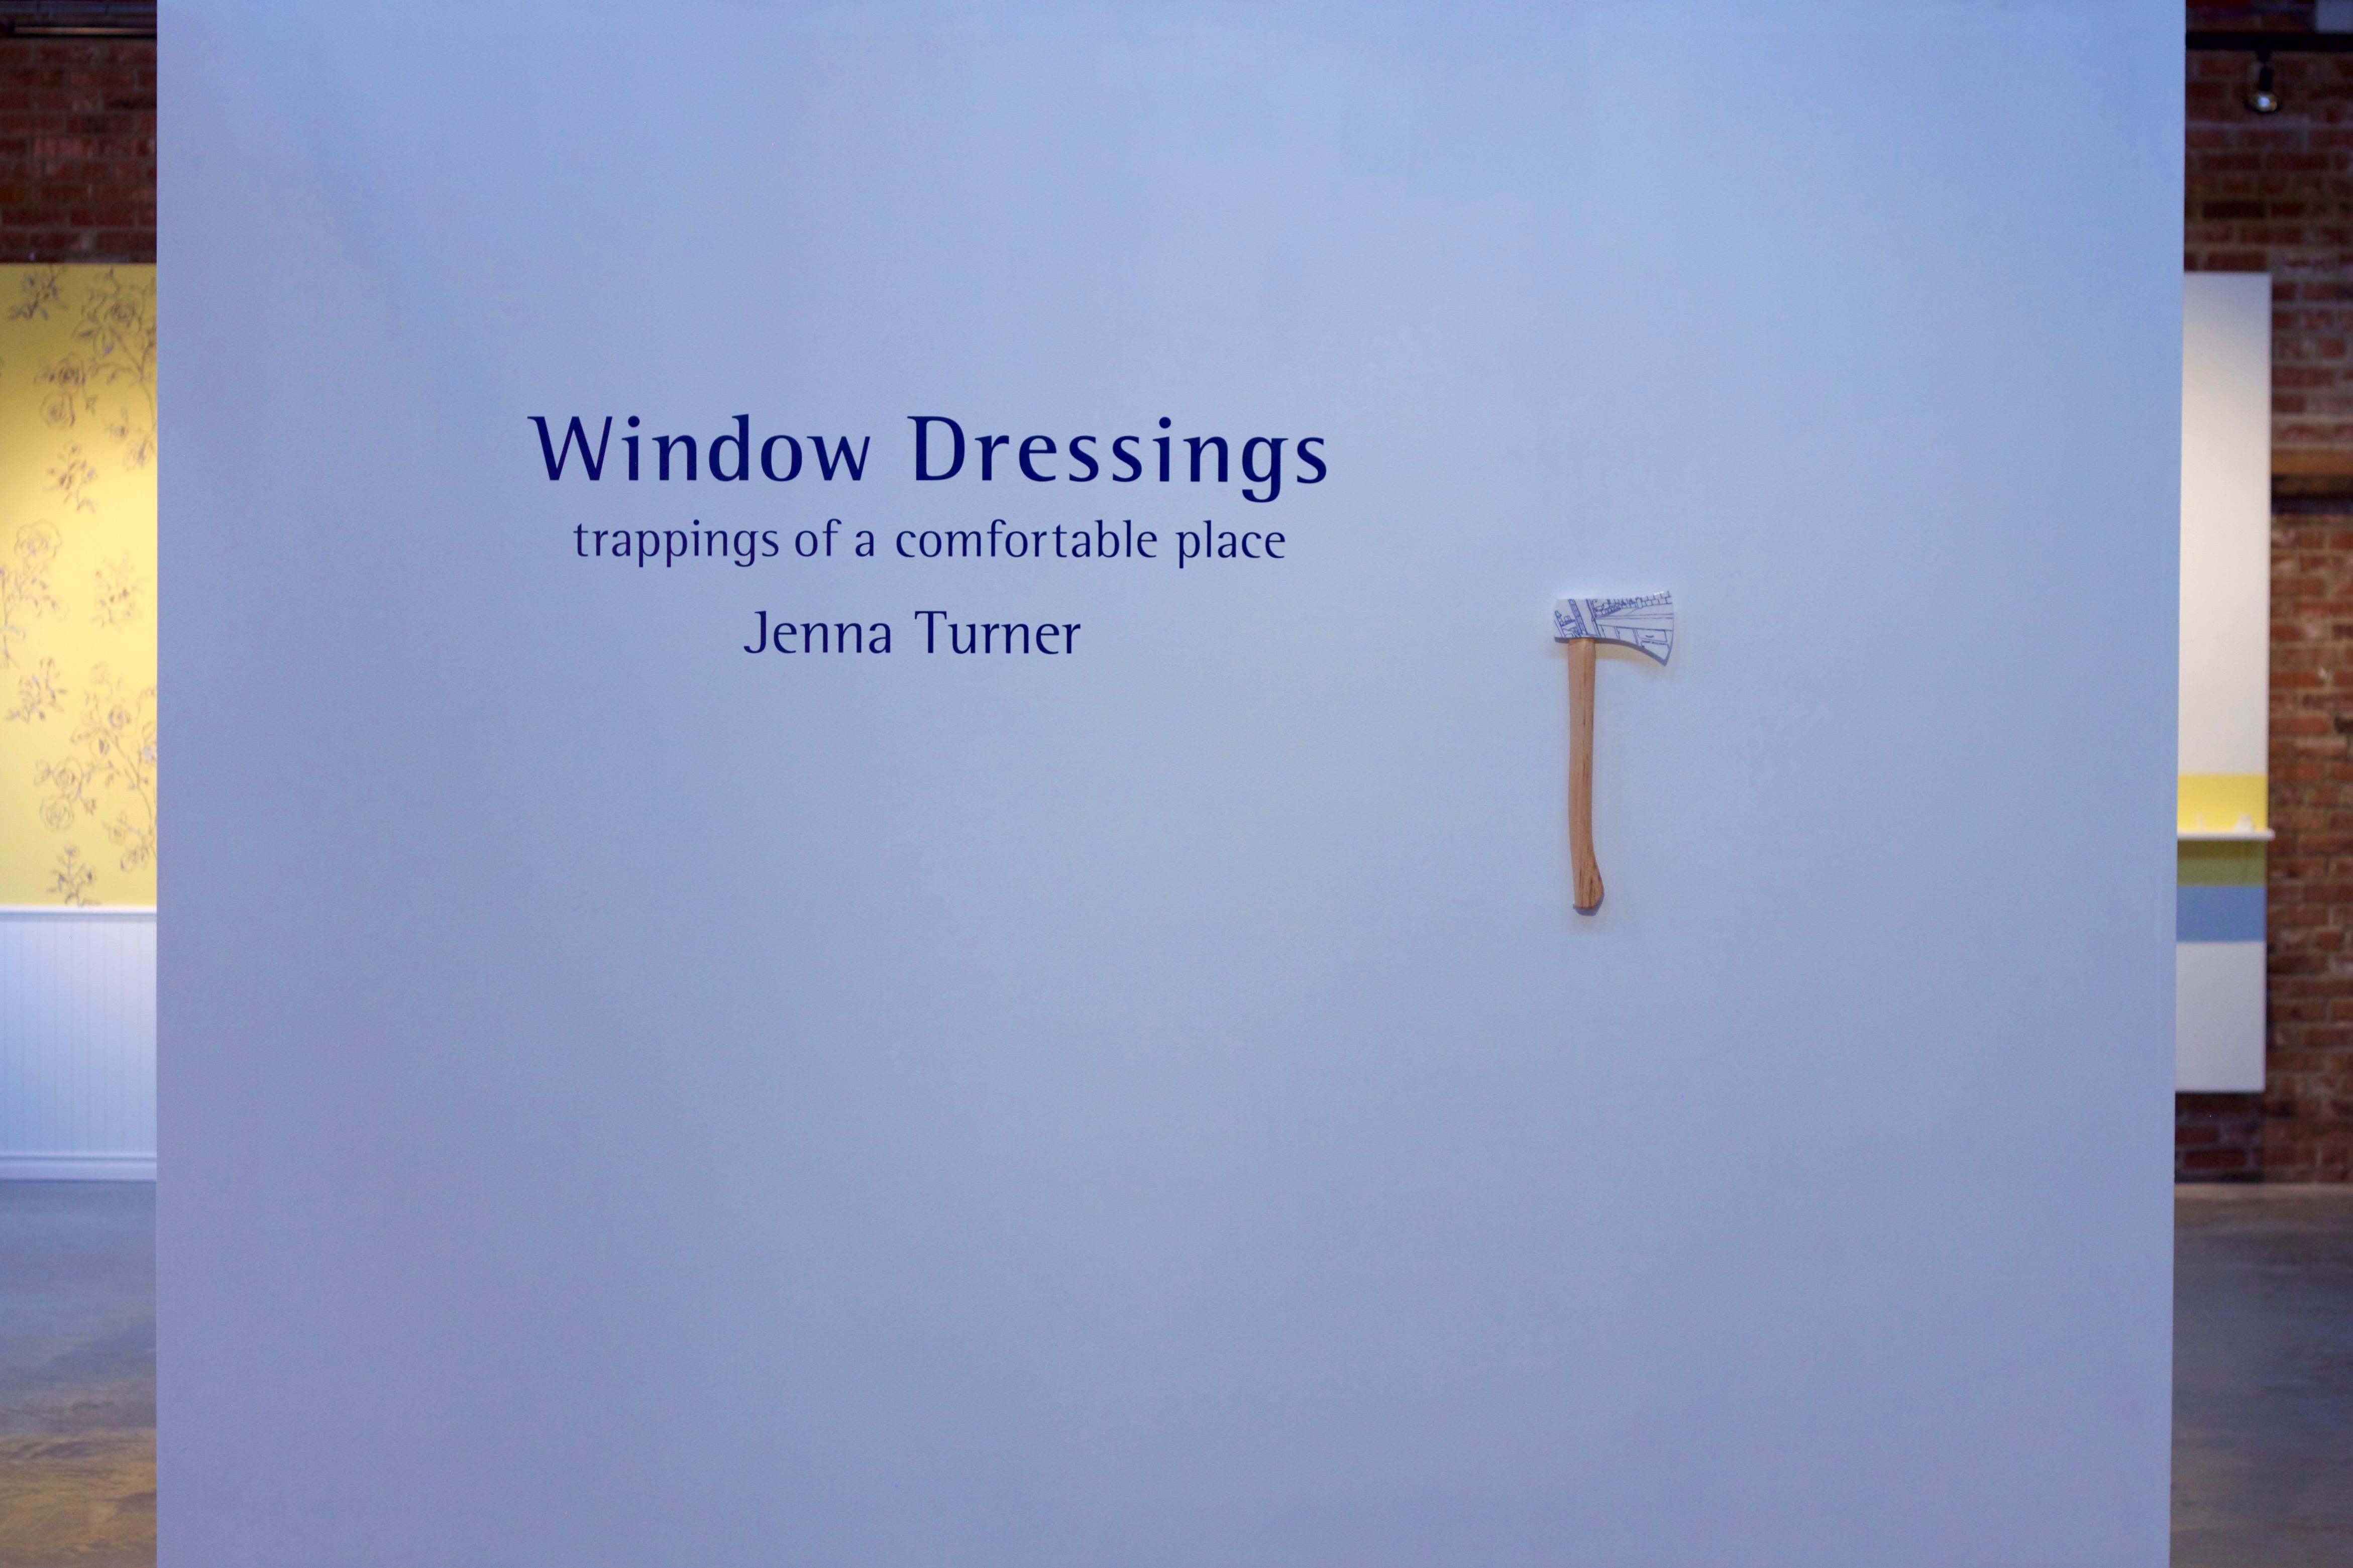 Window Dressings, 2017